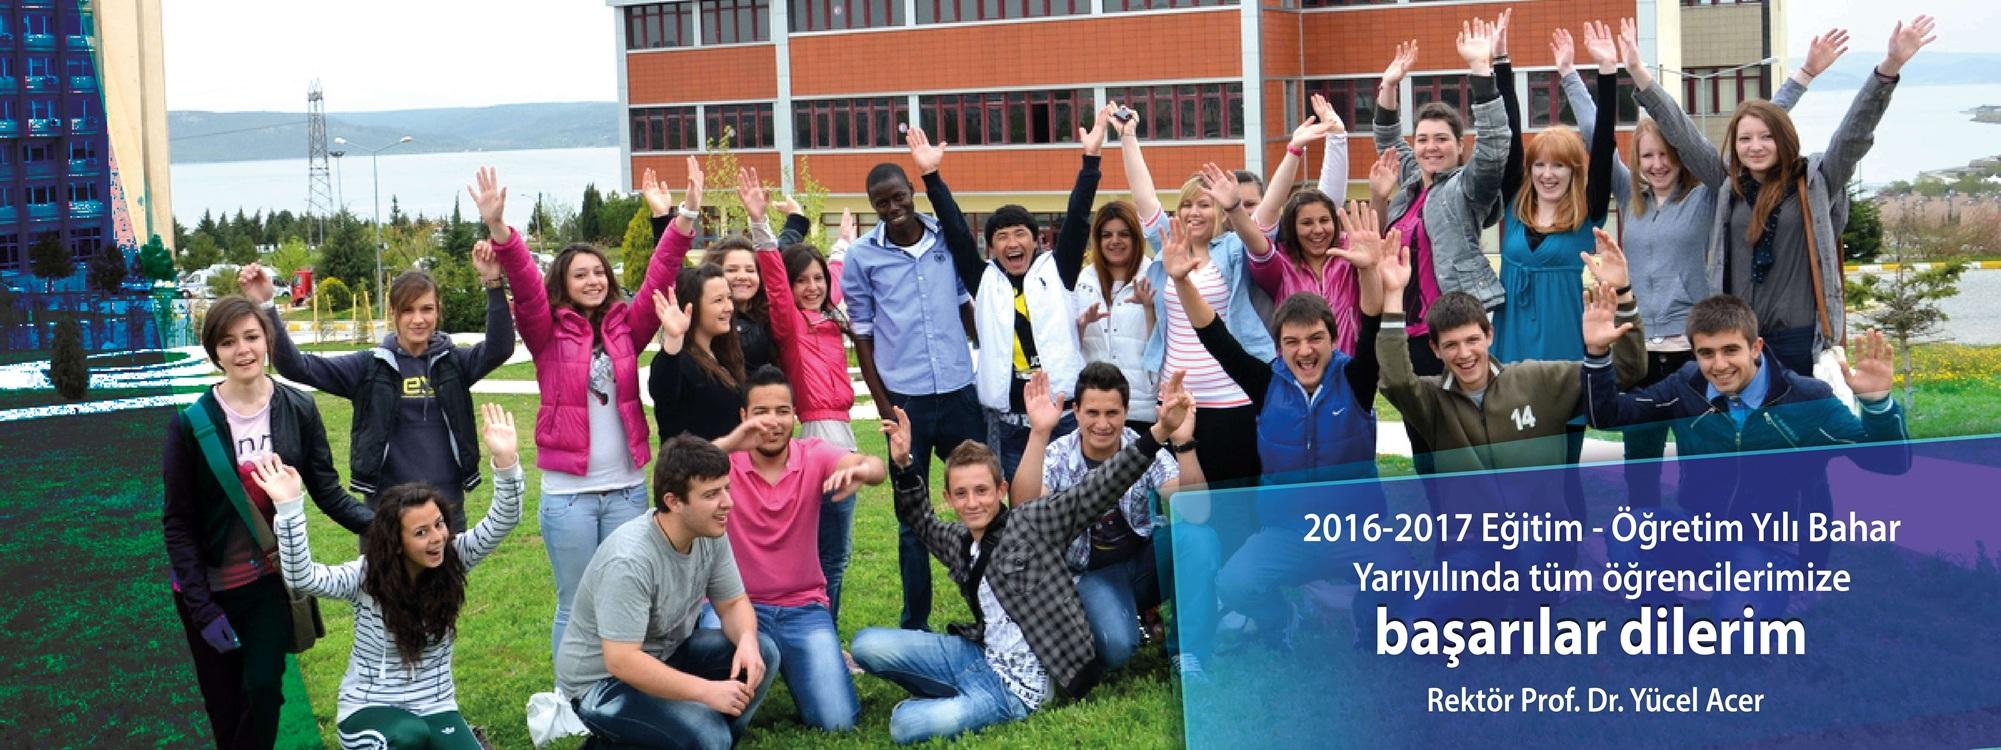 2016-2017 Eğitim Öğretim Yılı Bahar Yarıyılı Mesajı